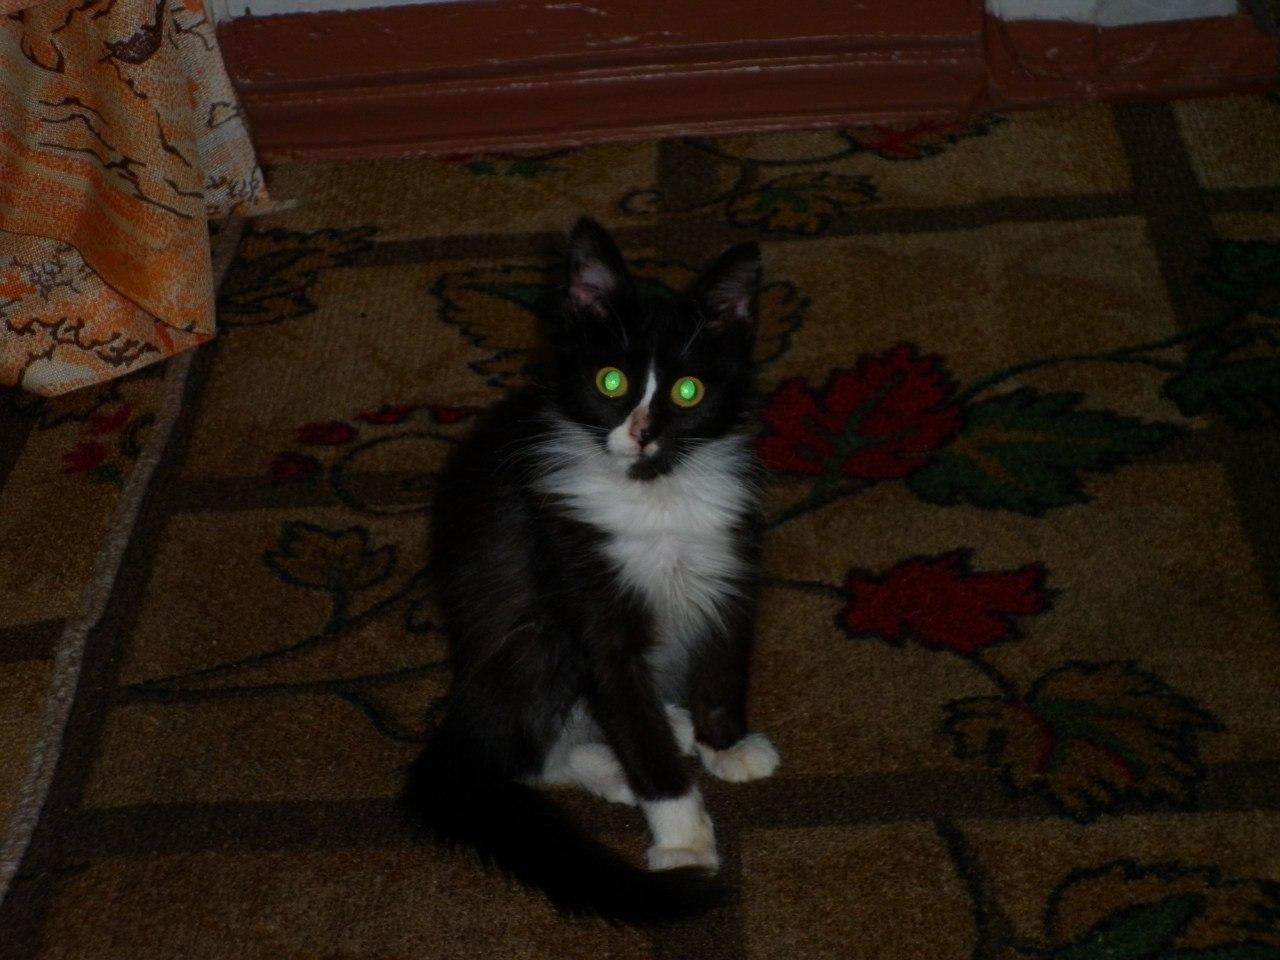 черно-белый кот сидит на полу